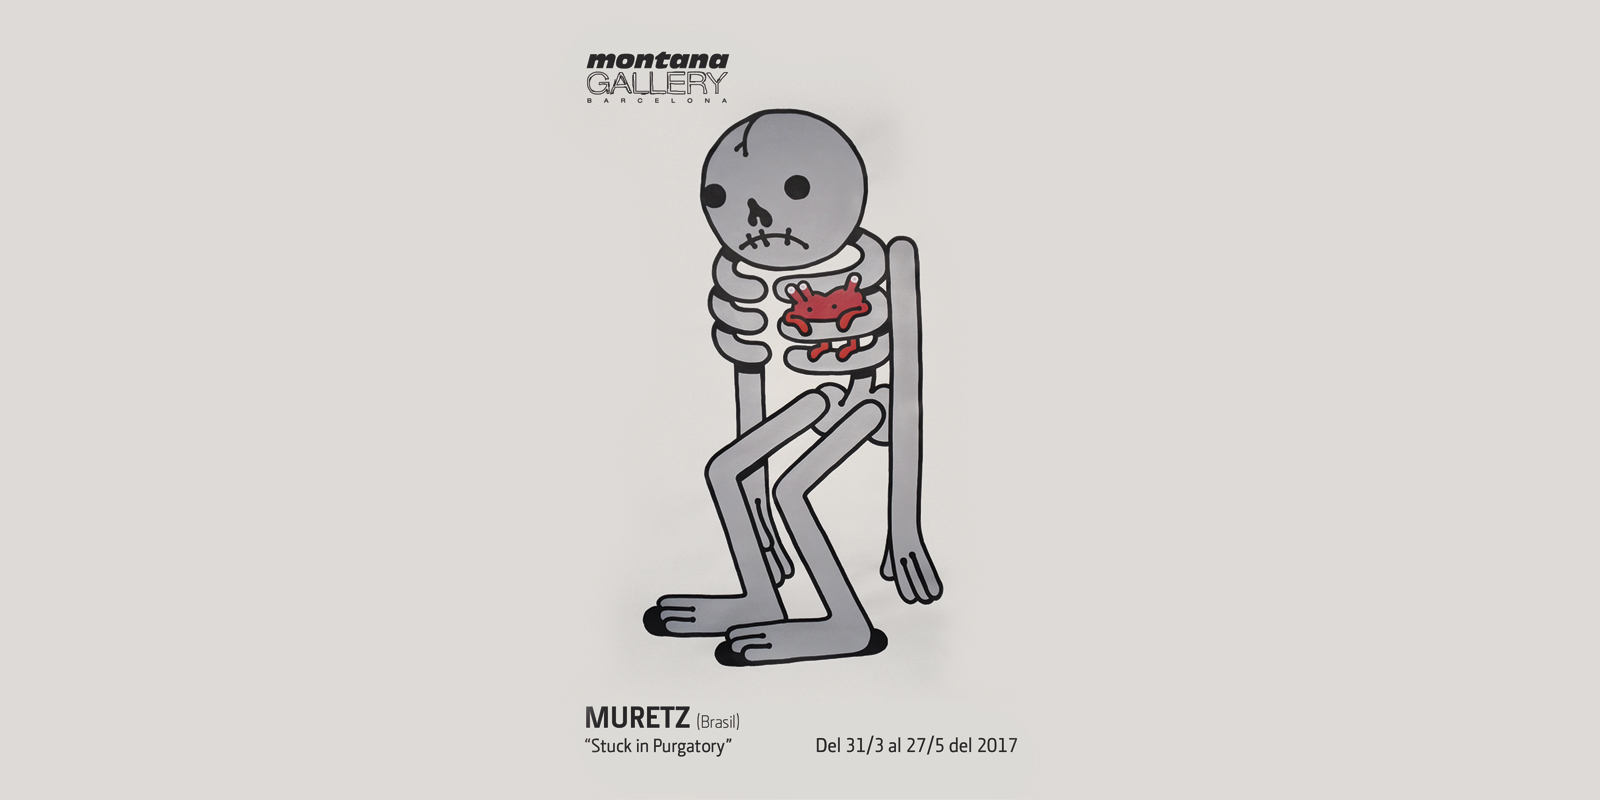 MURETZ, 'STUCK IN PURGATORY'